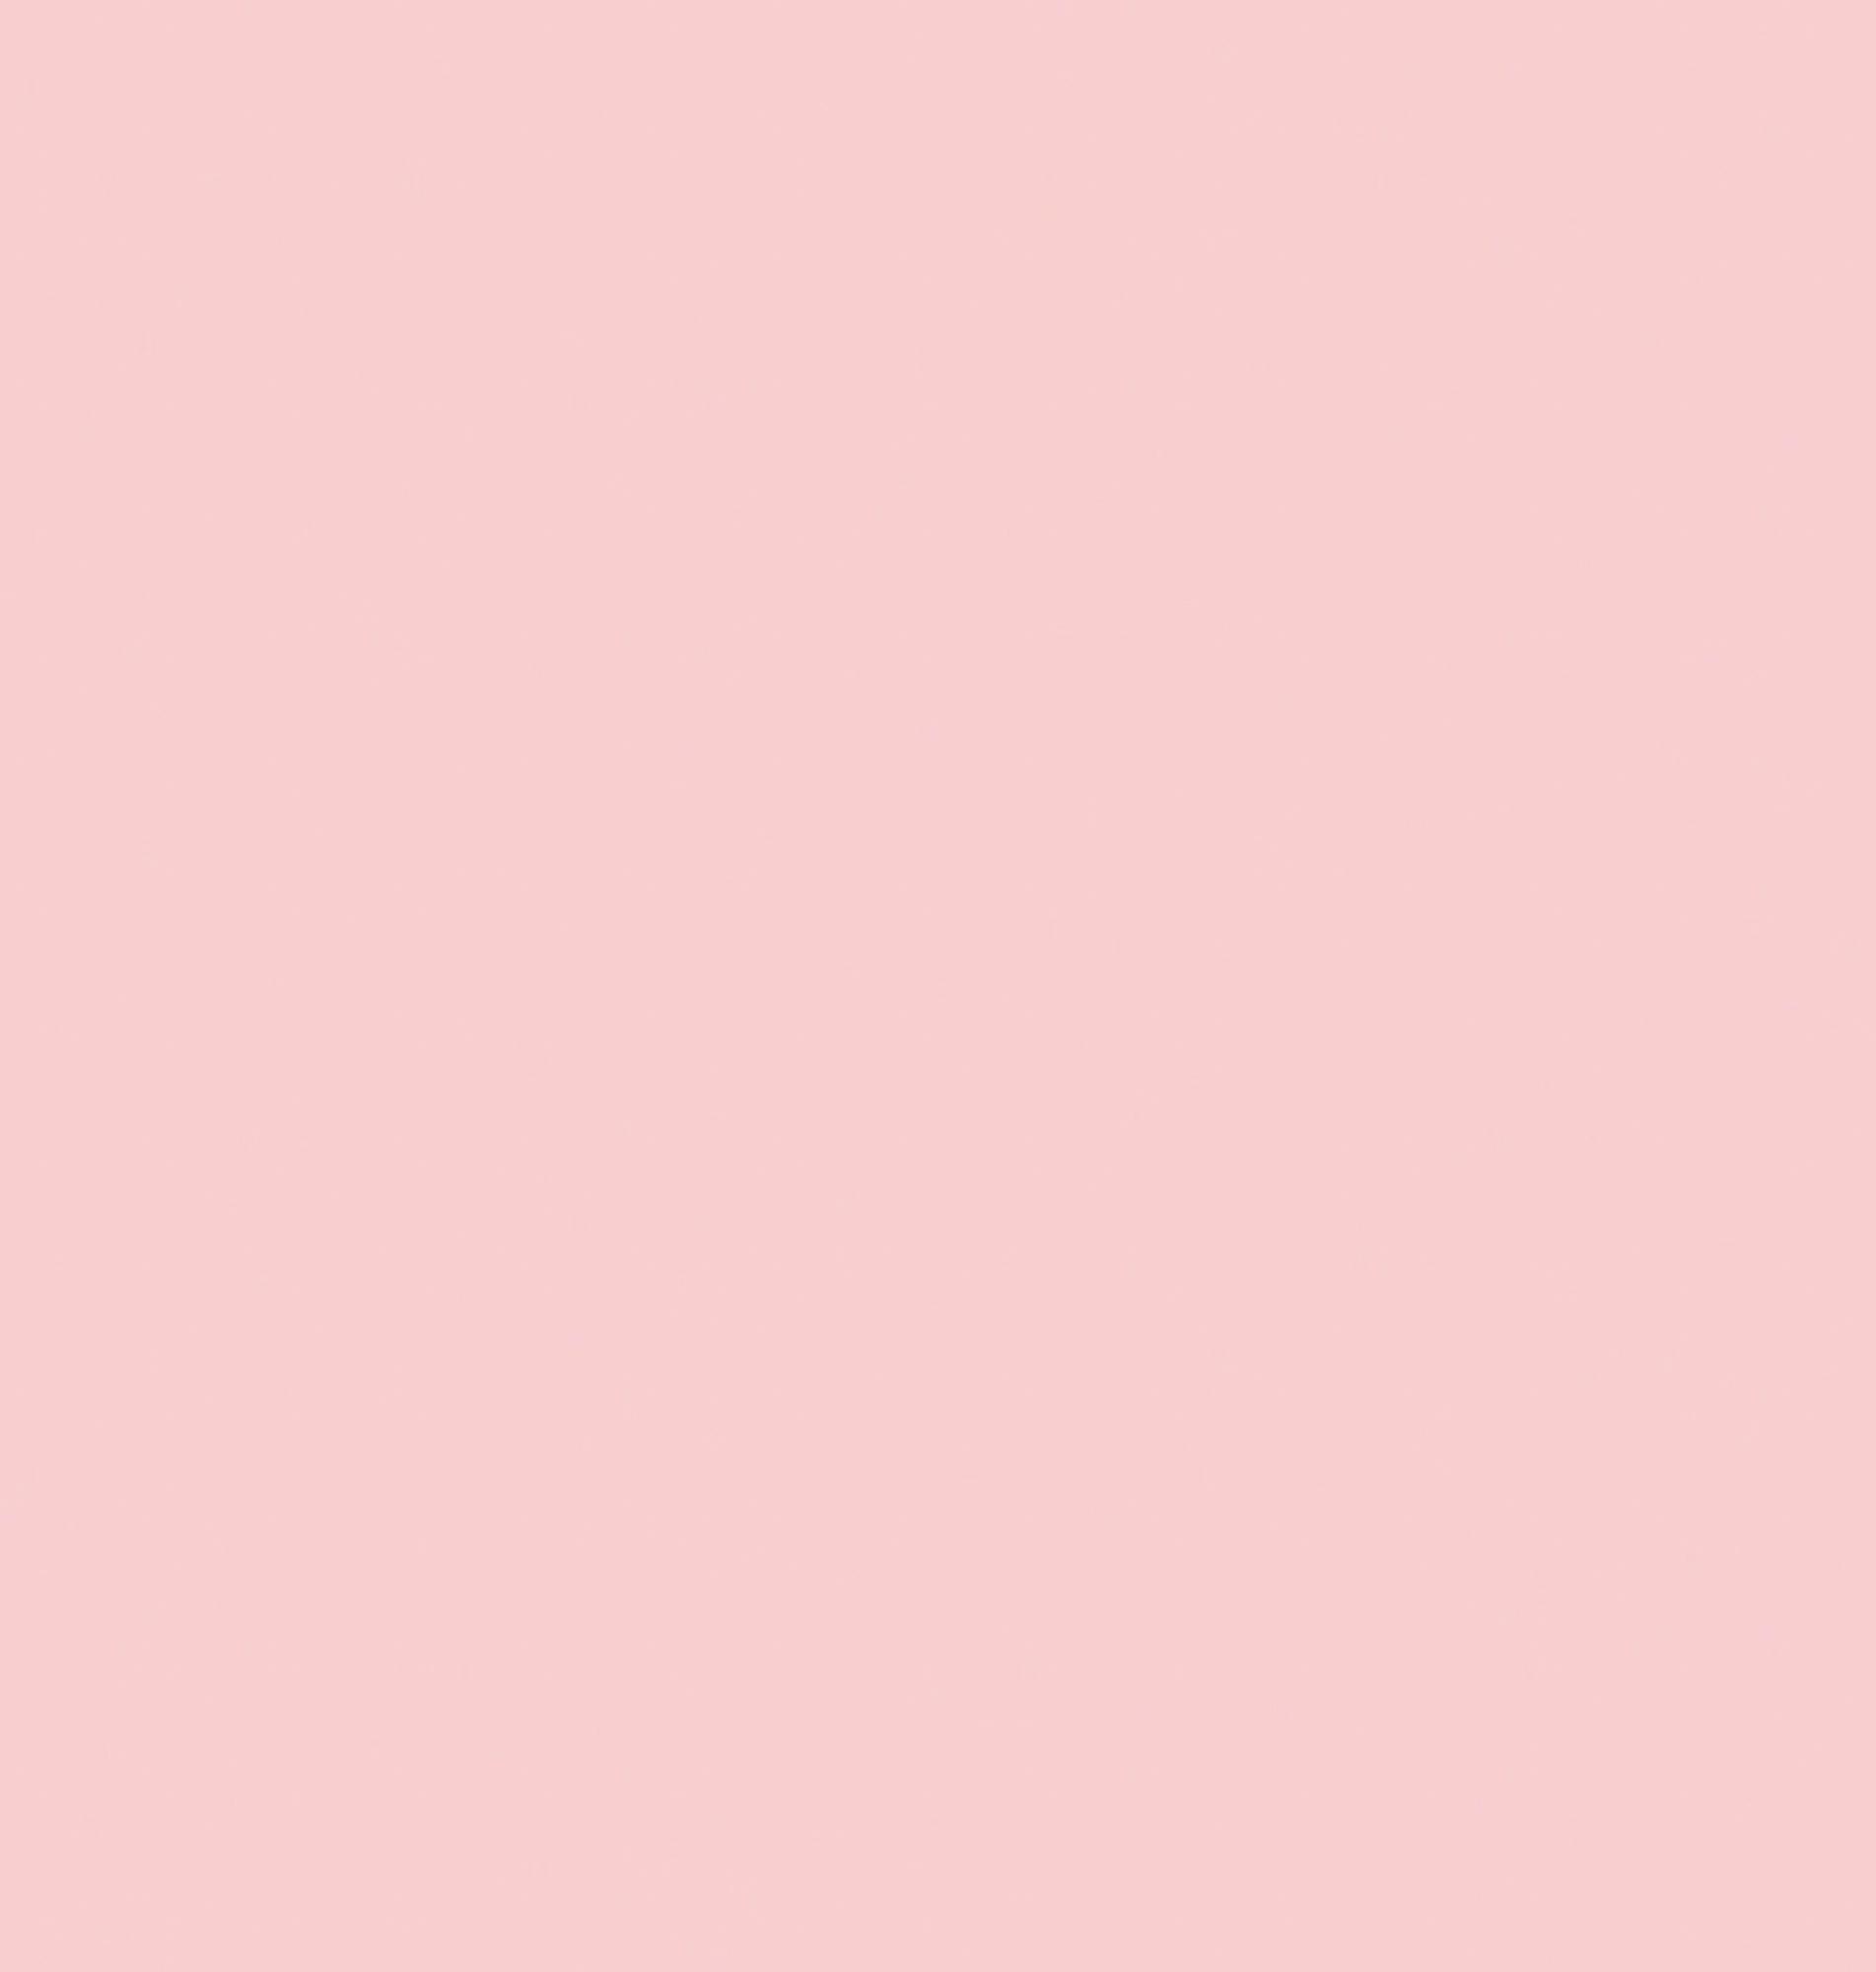 Tecido tricoline liso dohler 100% algodão rosa